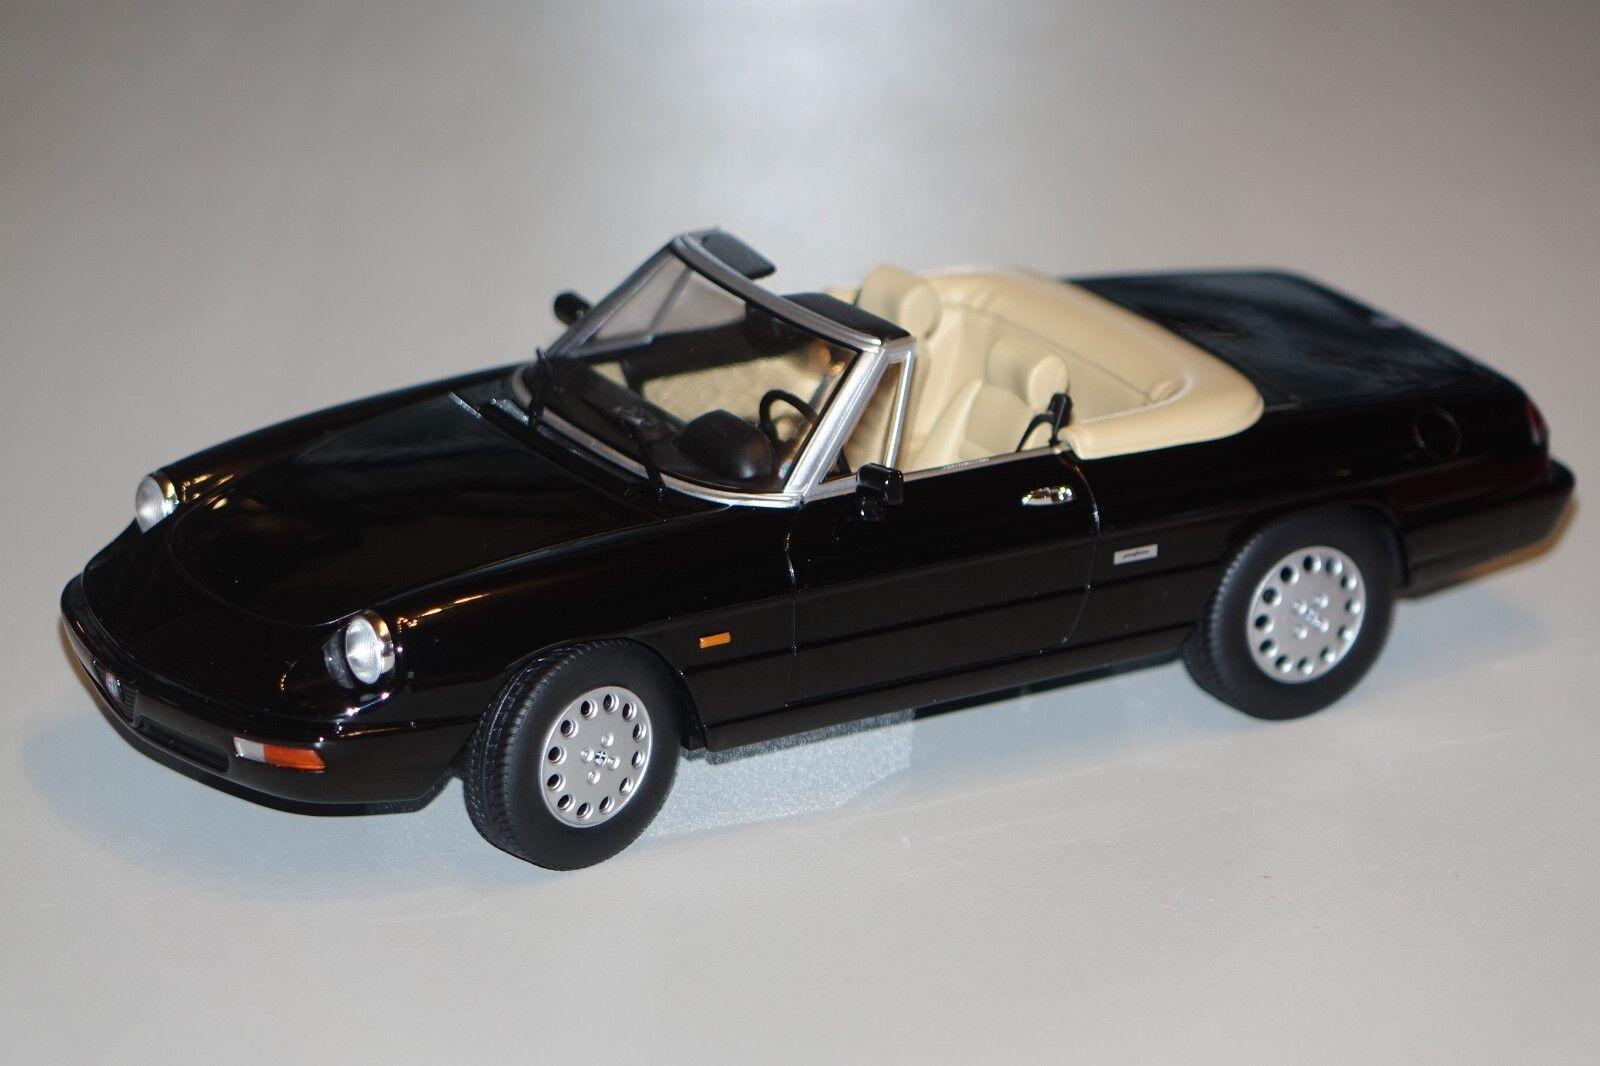 Alfa Romeo Spider 4 1990 schwarz 1 18  KK Scale 180182 neu & OVP